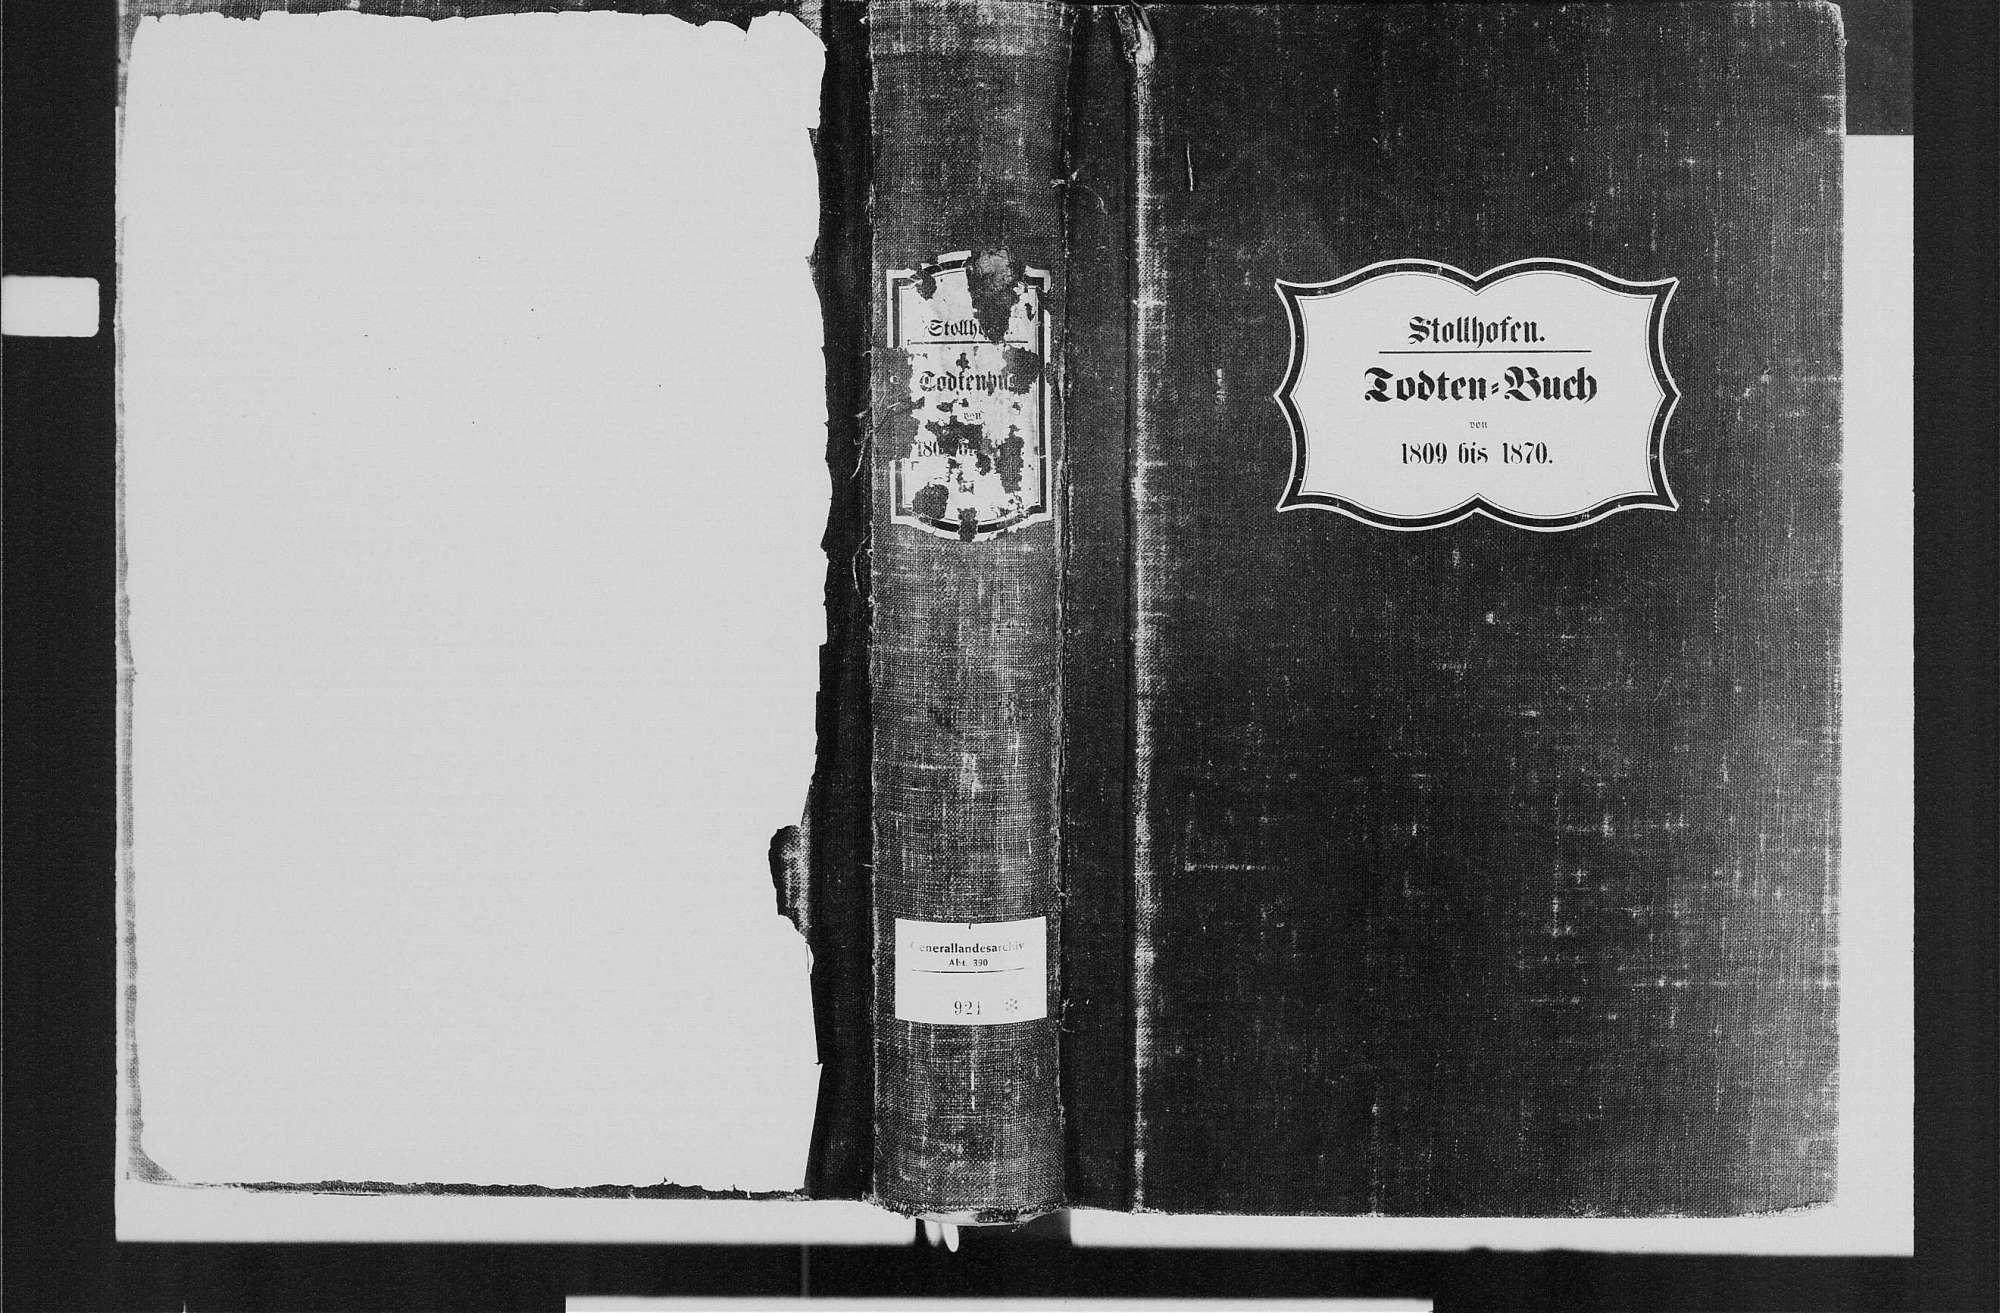 Stollhofen, katholische Gemeinde: Sterbebuch 1809-1870, Bild 1